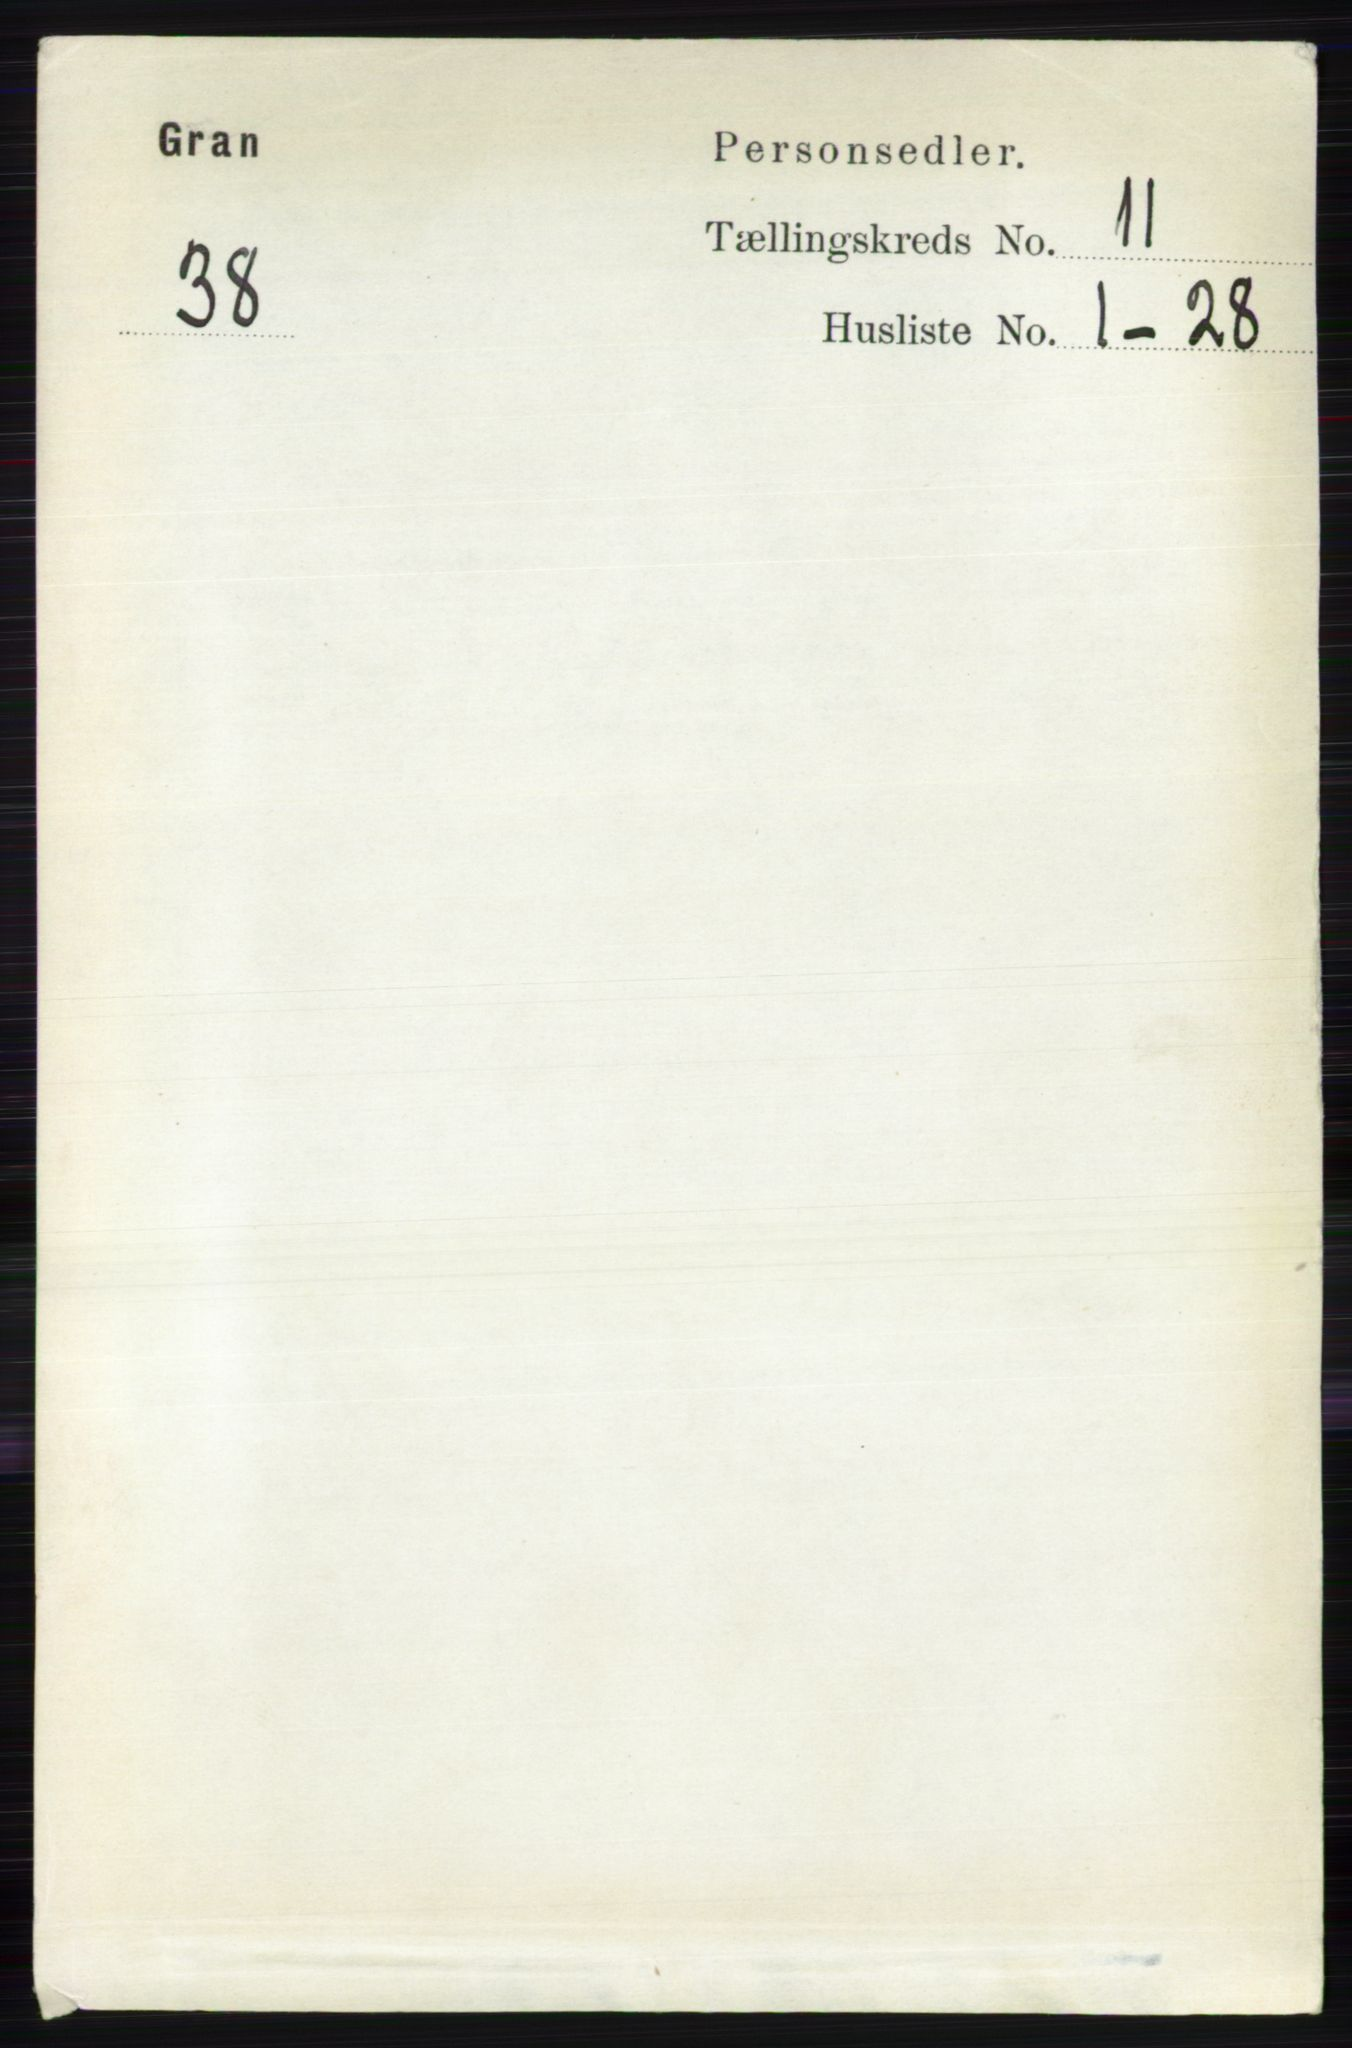 RA, Folketelling 1891 for 0534 Gran herred, 1891, s. 5466